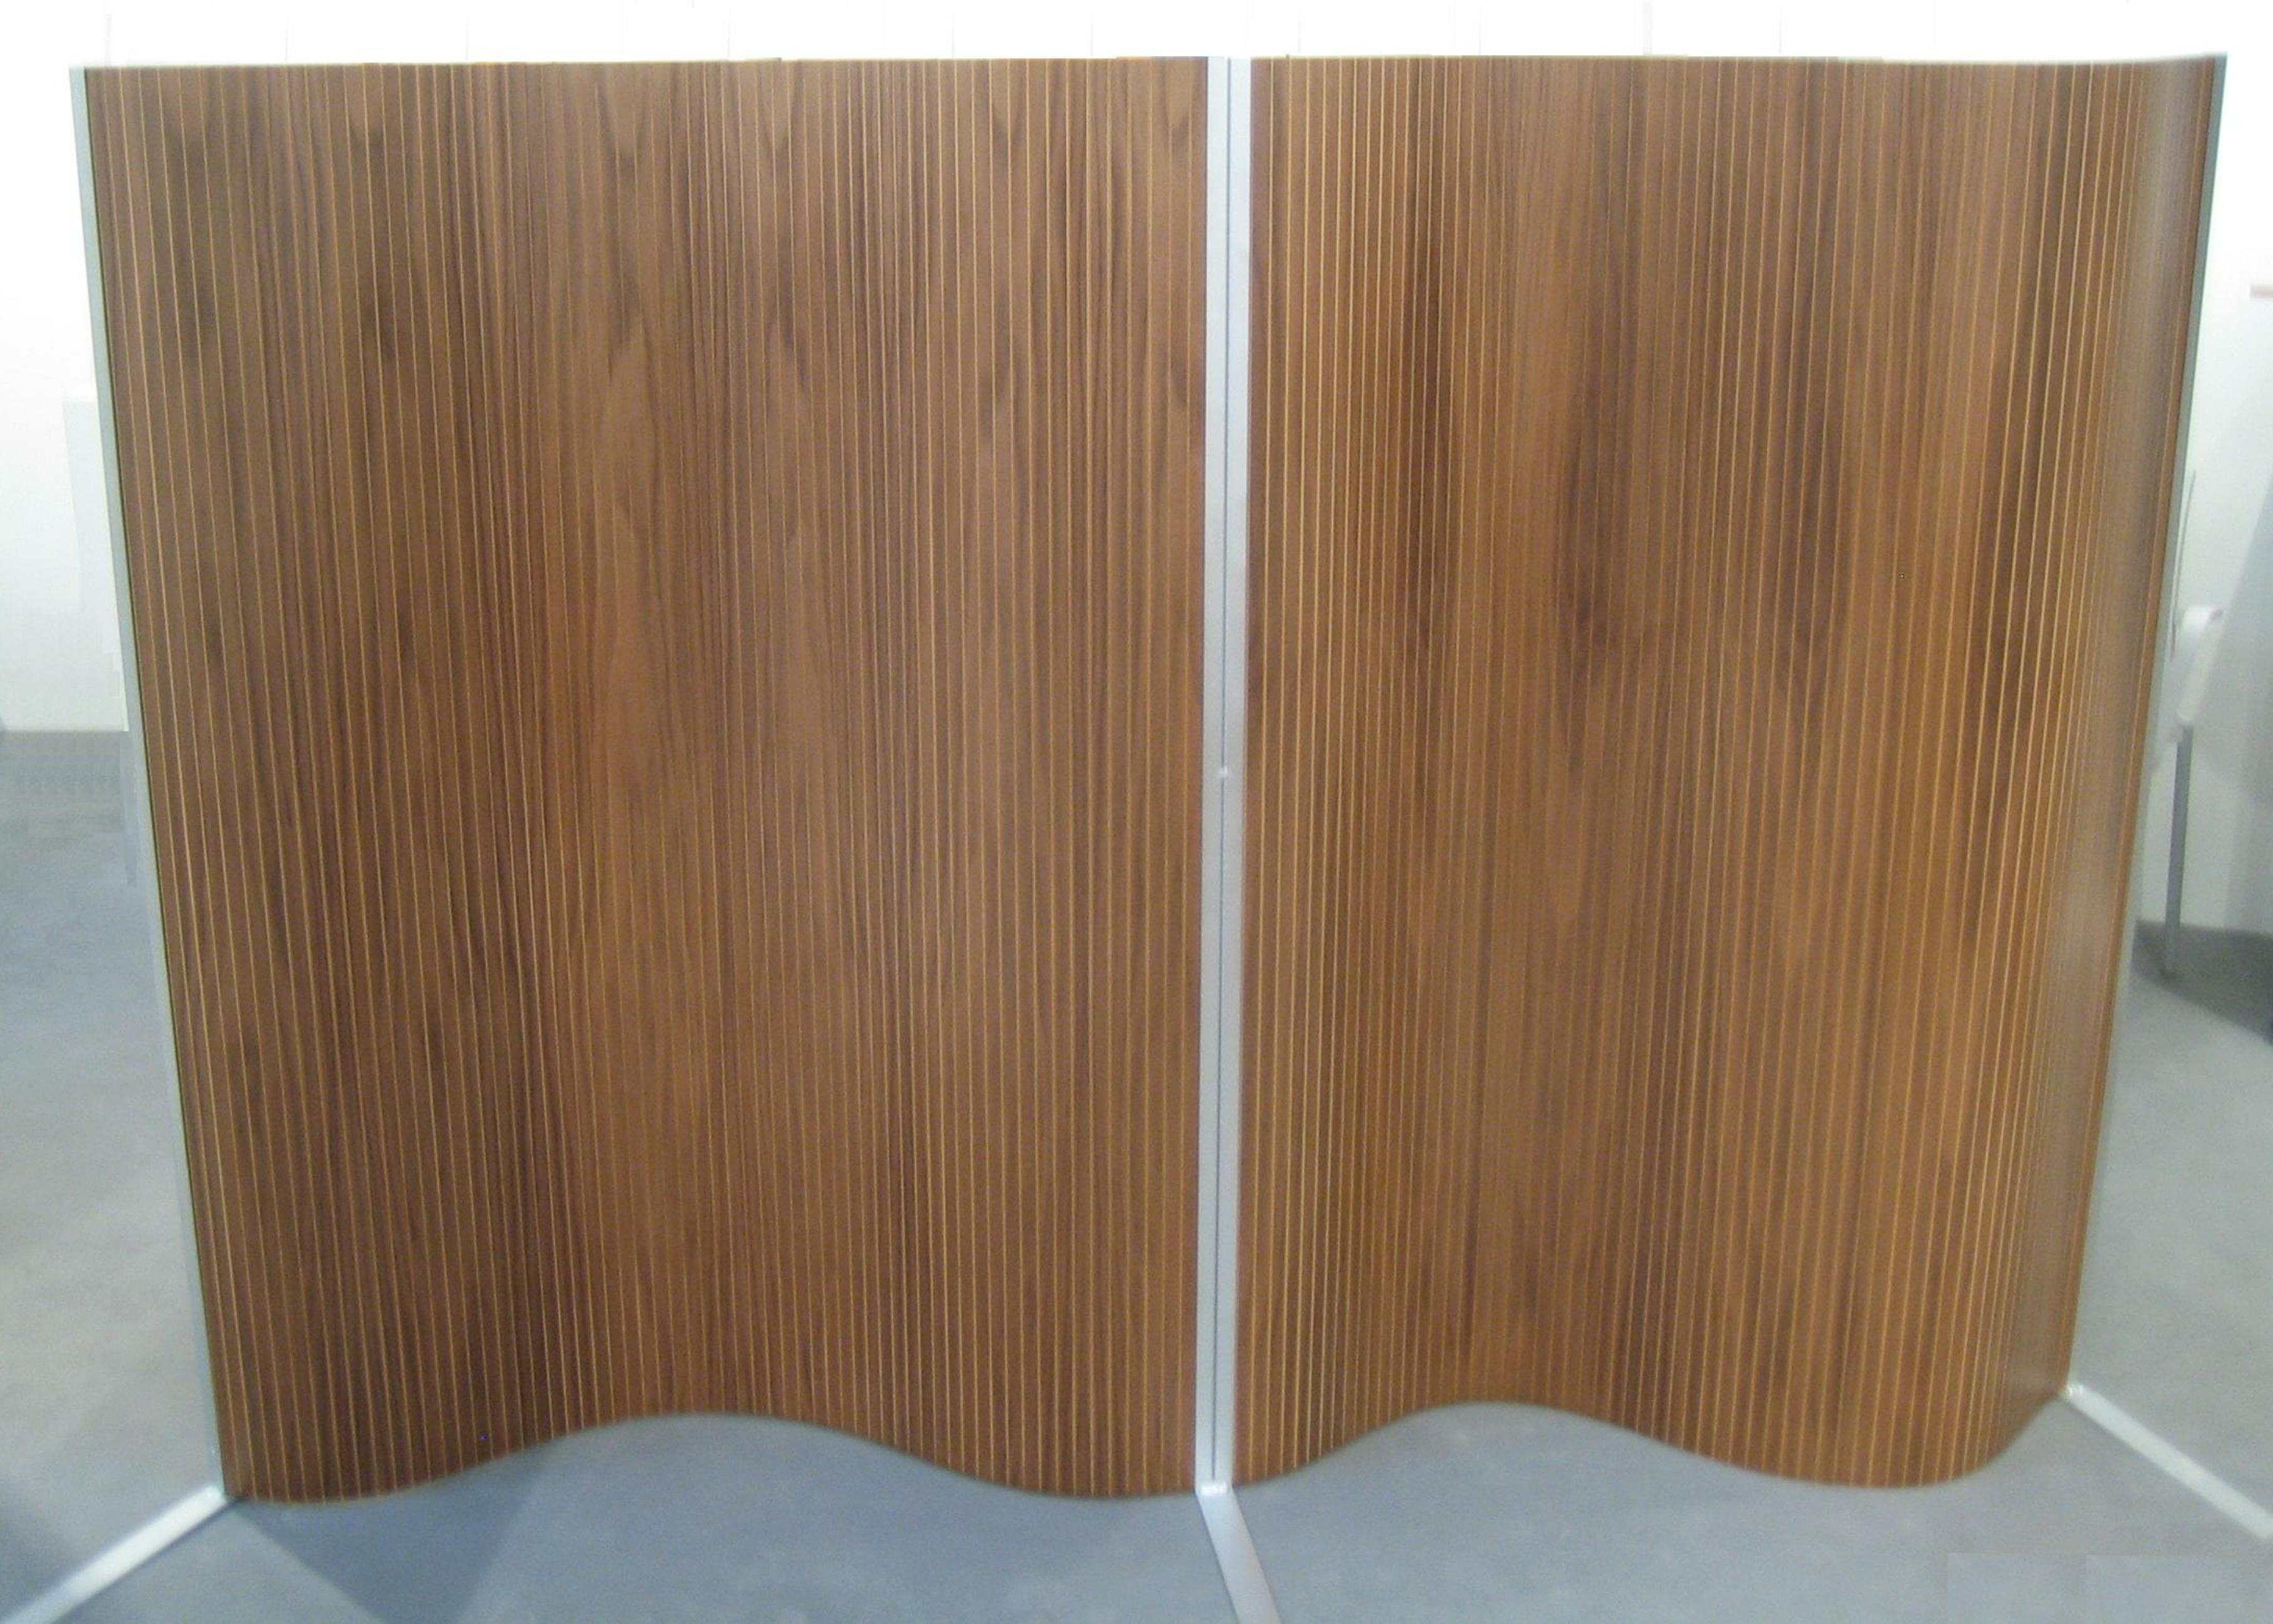 Wooden Tambour Doors | Products